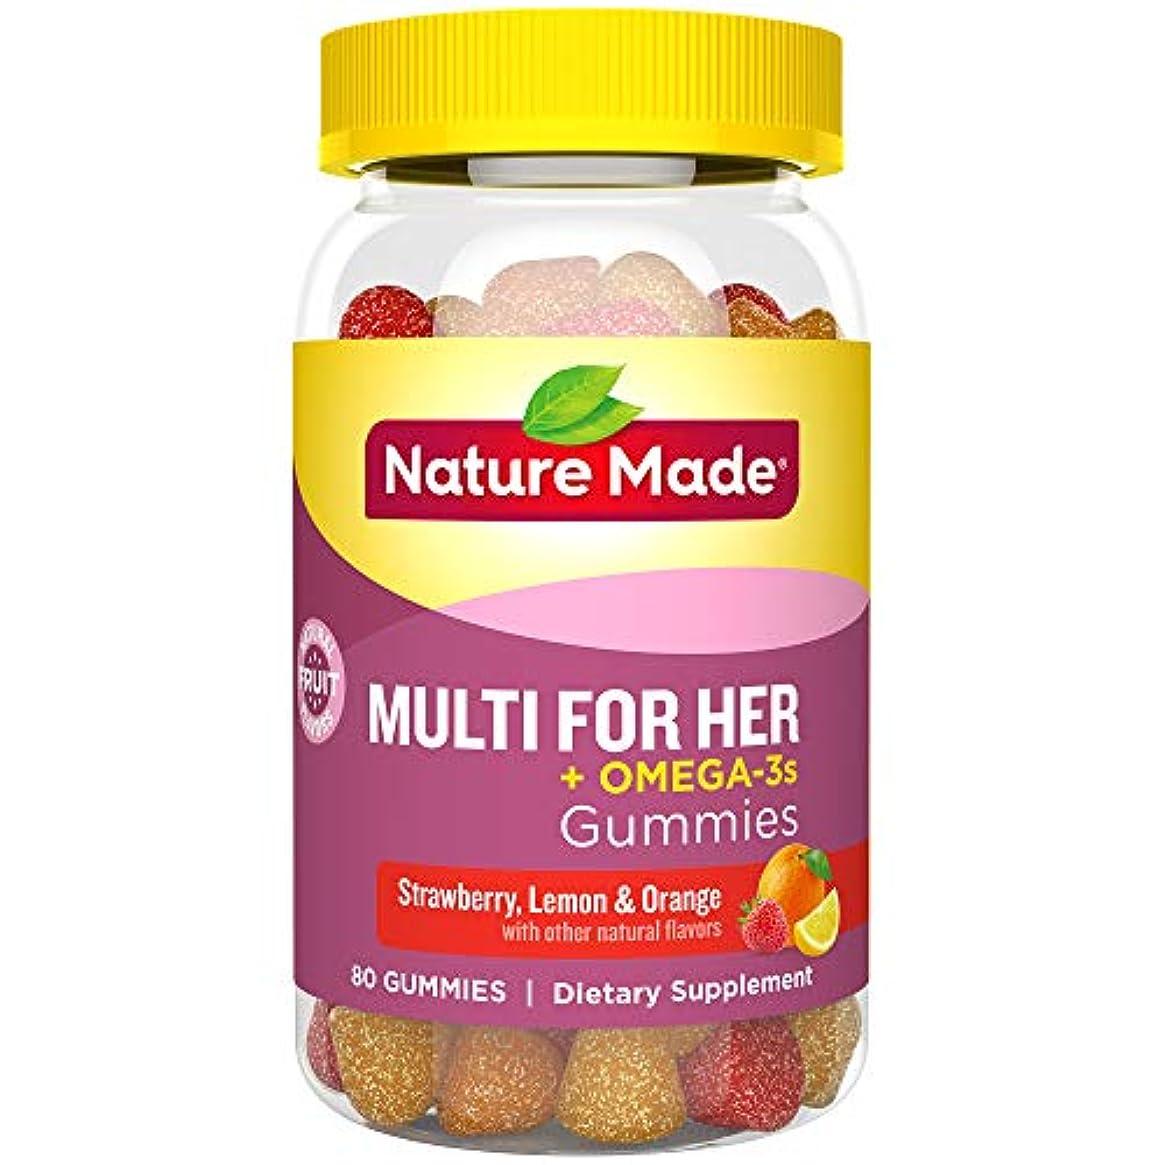 シーフード平日外観Nature Made Multi for Her + Omega-3 Adult Gummies EPA and DHA 80Gummies